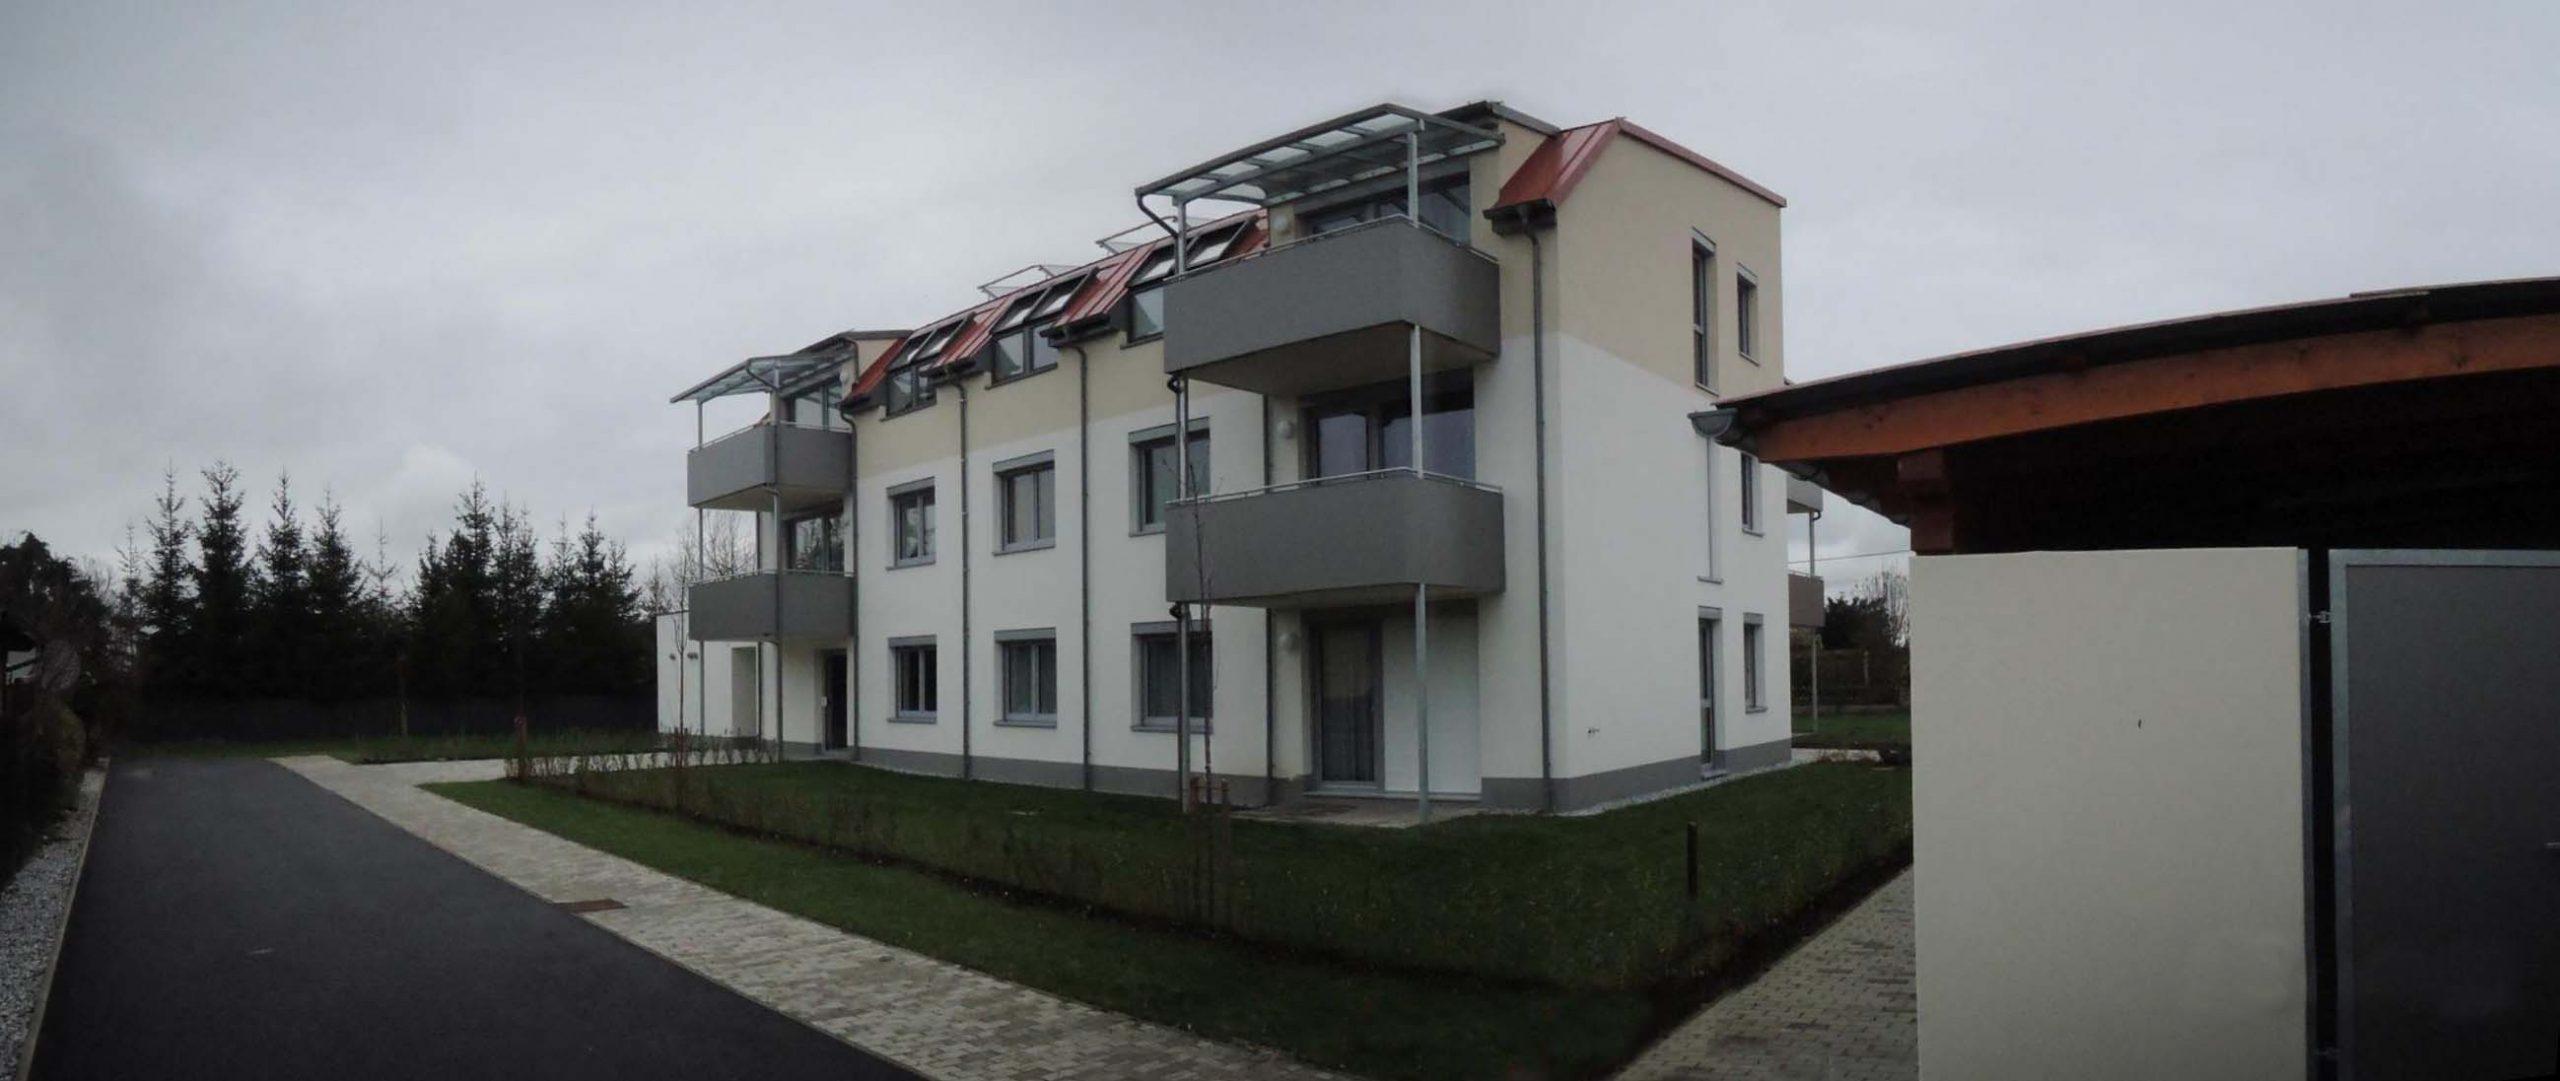 Immobilie von Kamptal in 3754 Irnfritz, Horn, Irnfritz II/3 - Top 308 #12